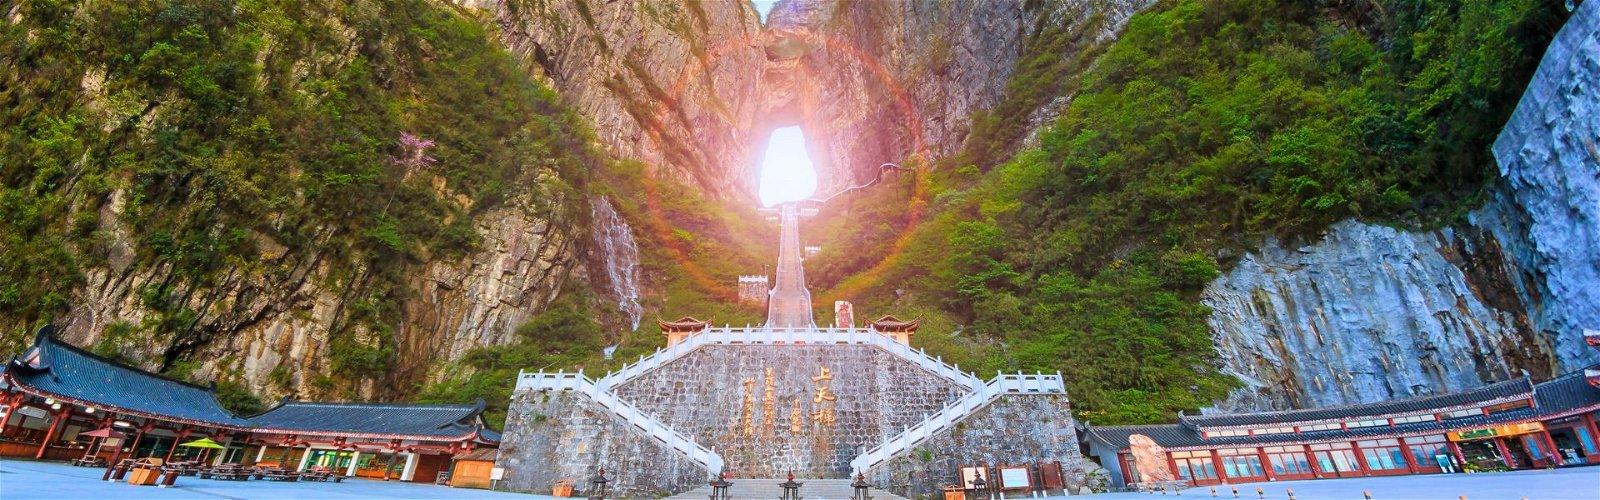 ทัวร์จีน ราคาถูก 2561 - Mushroom Travel